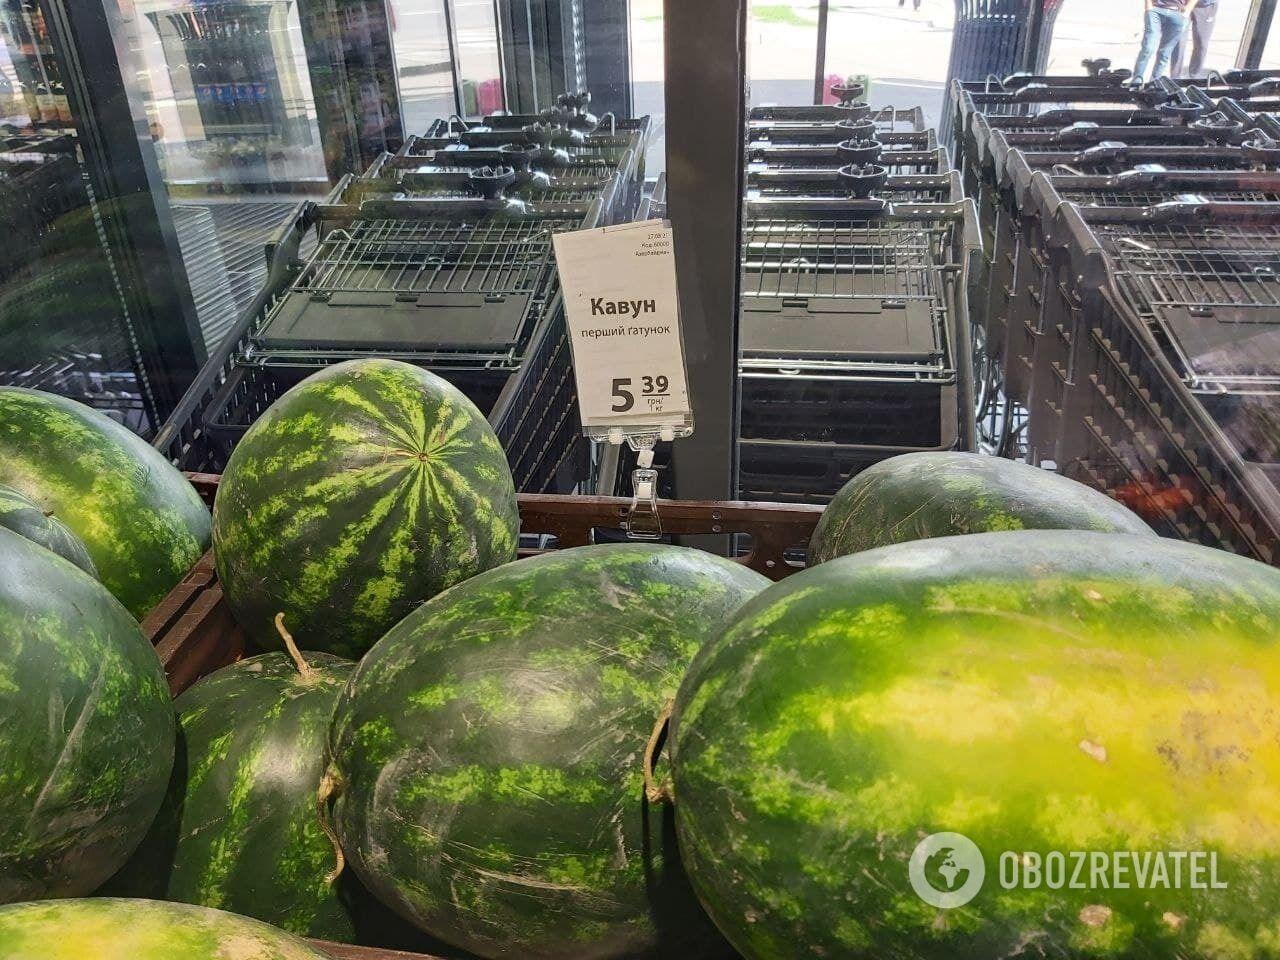 Обычный арбуз стоит 5.39 гривен за килограмм.